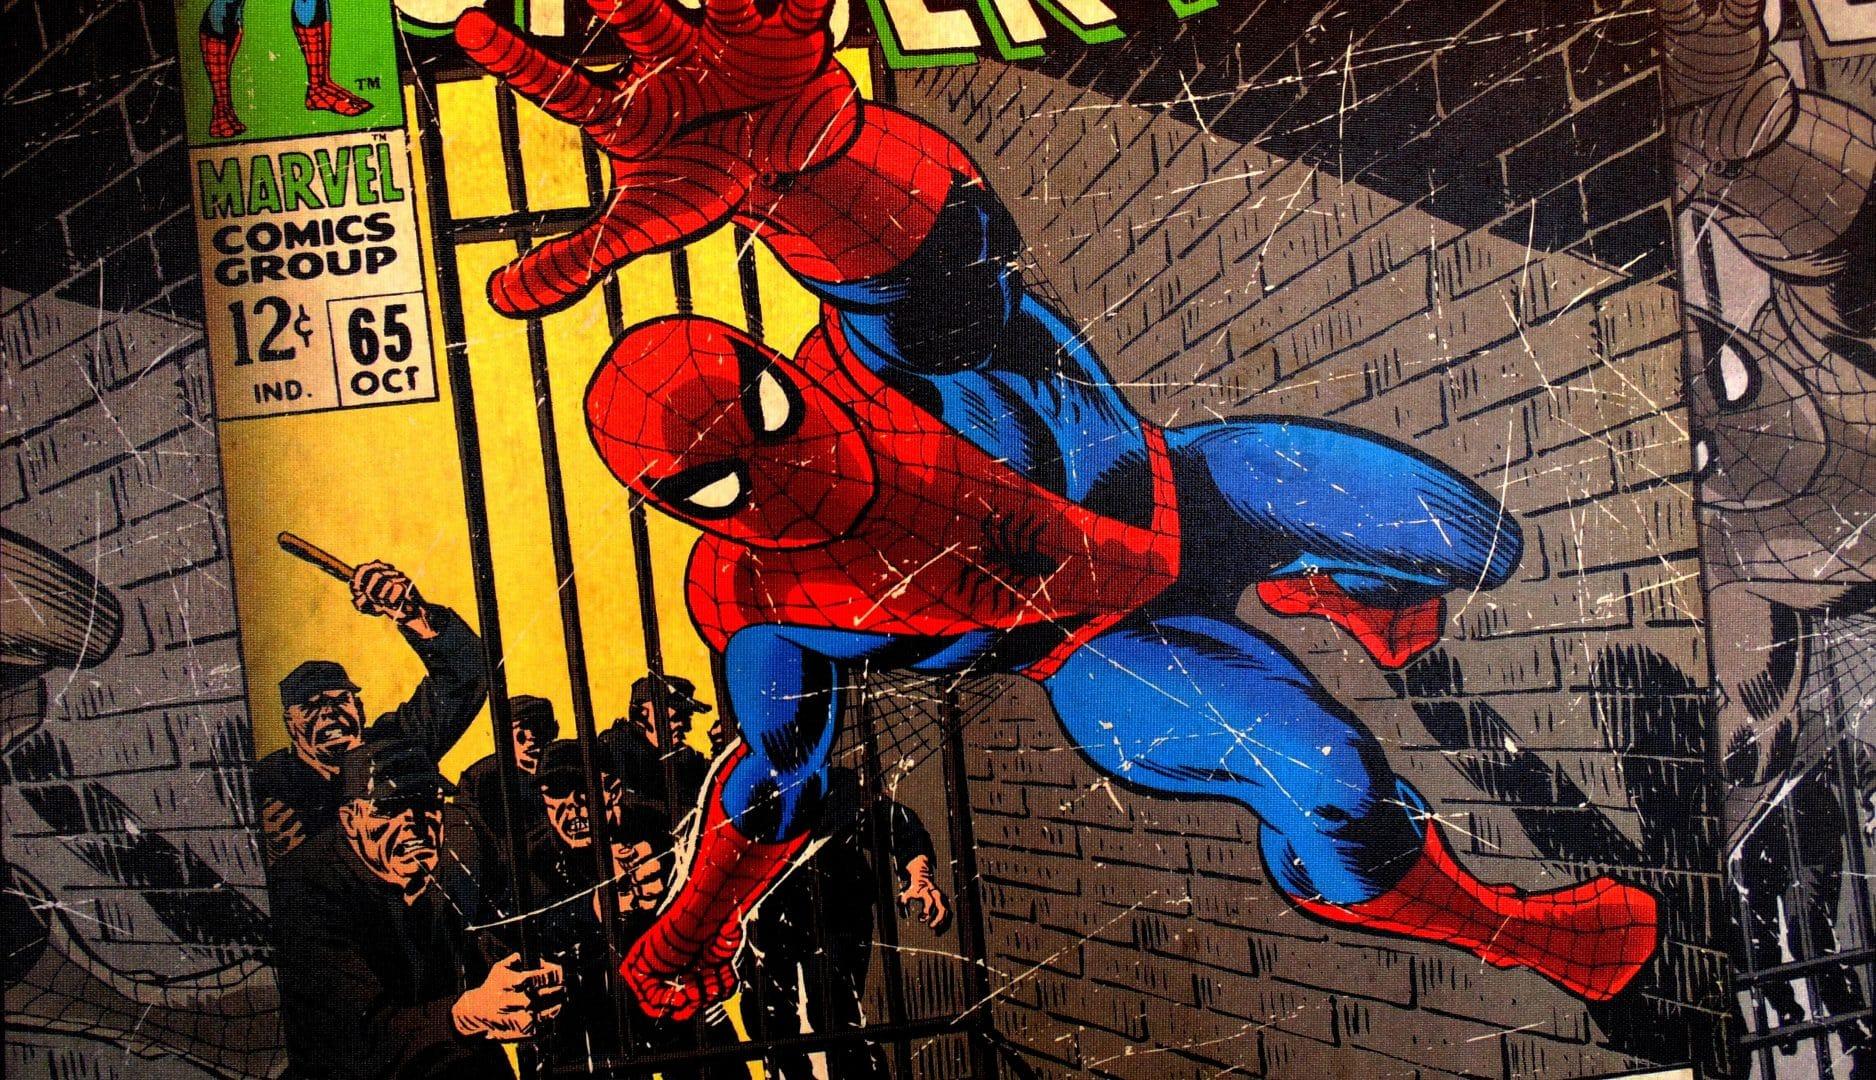 Homem-Aranha - história e principais características do super-herói